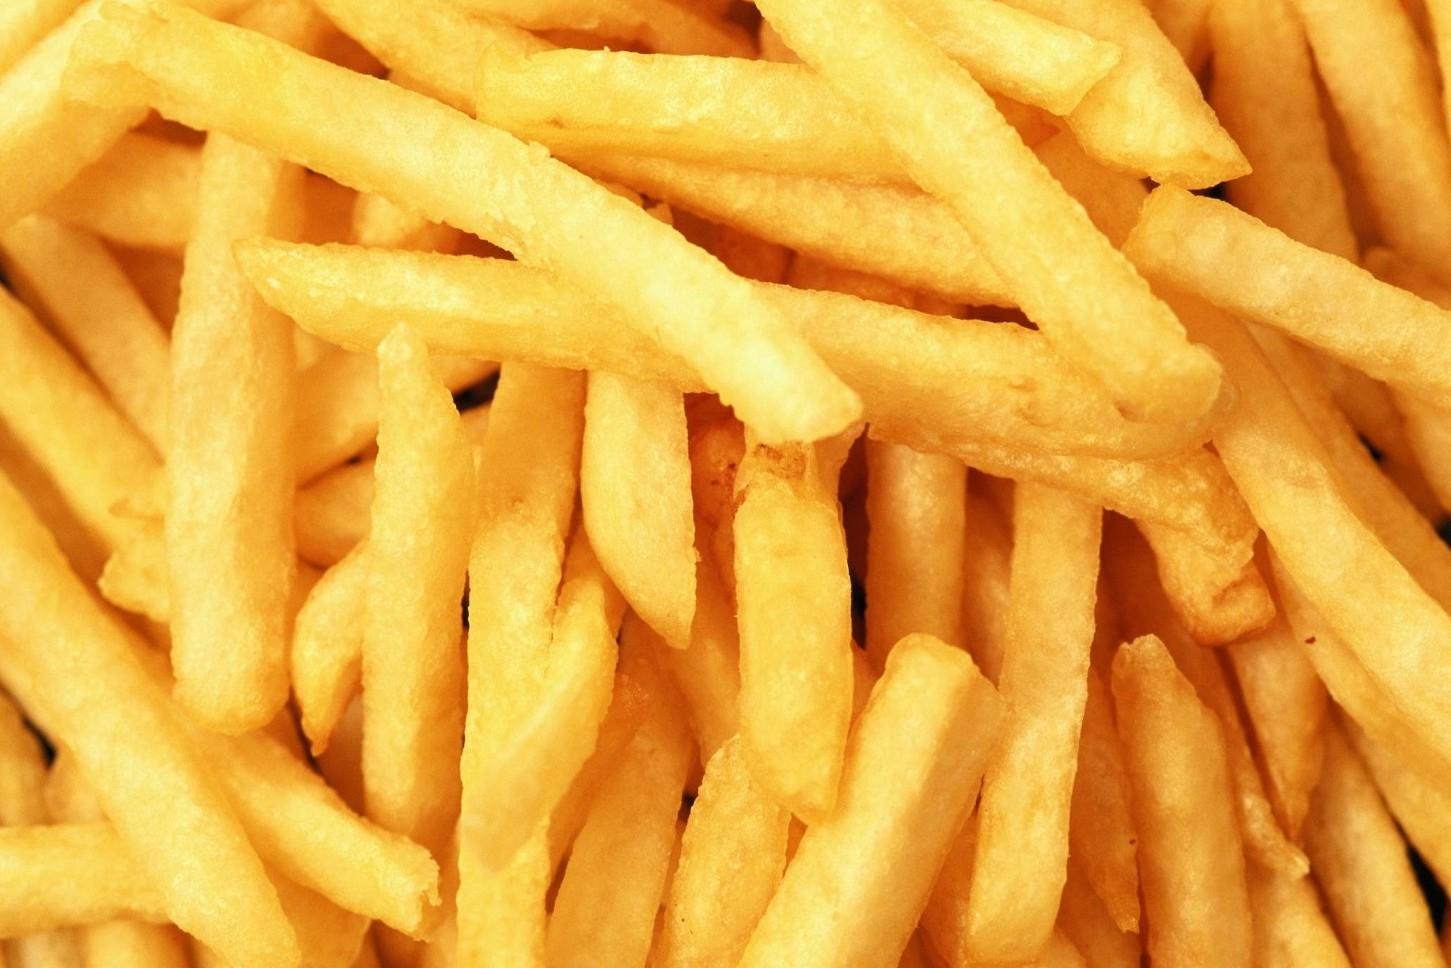 Patatine fritte, nuovo studio rivela che